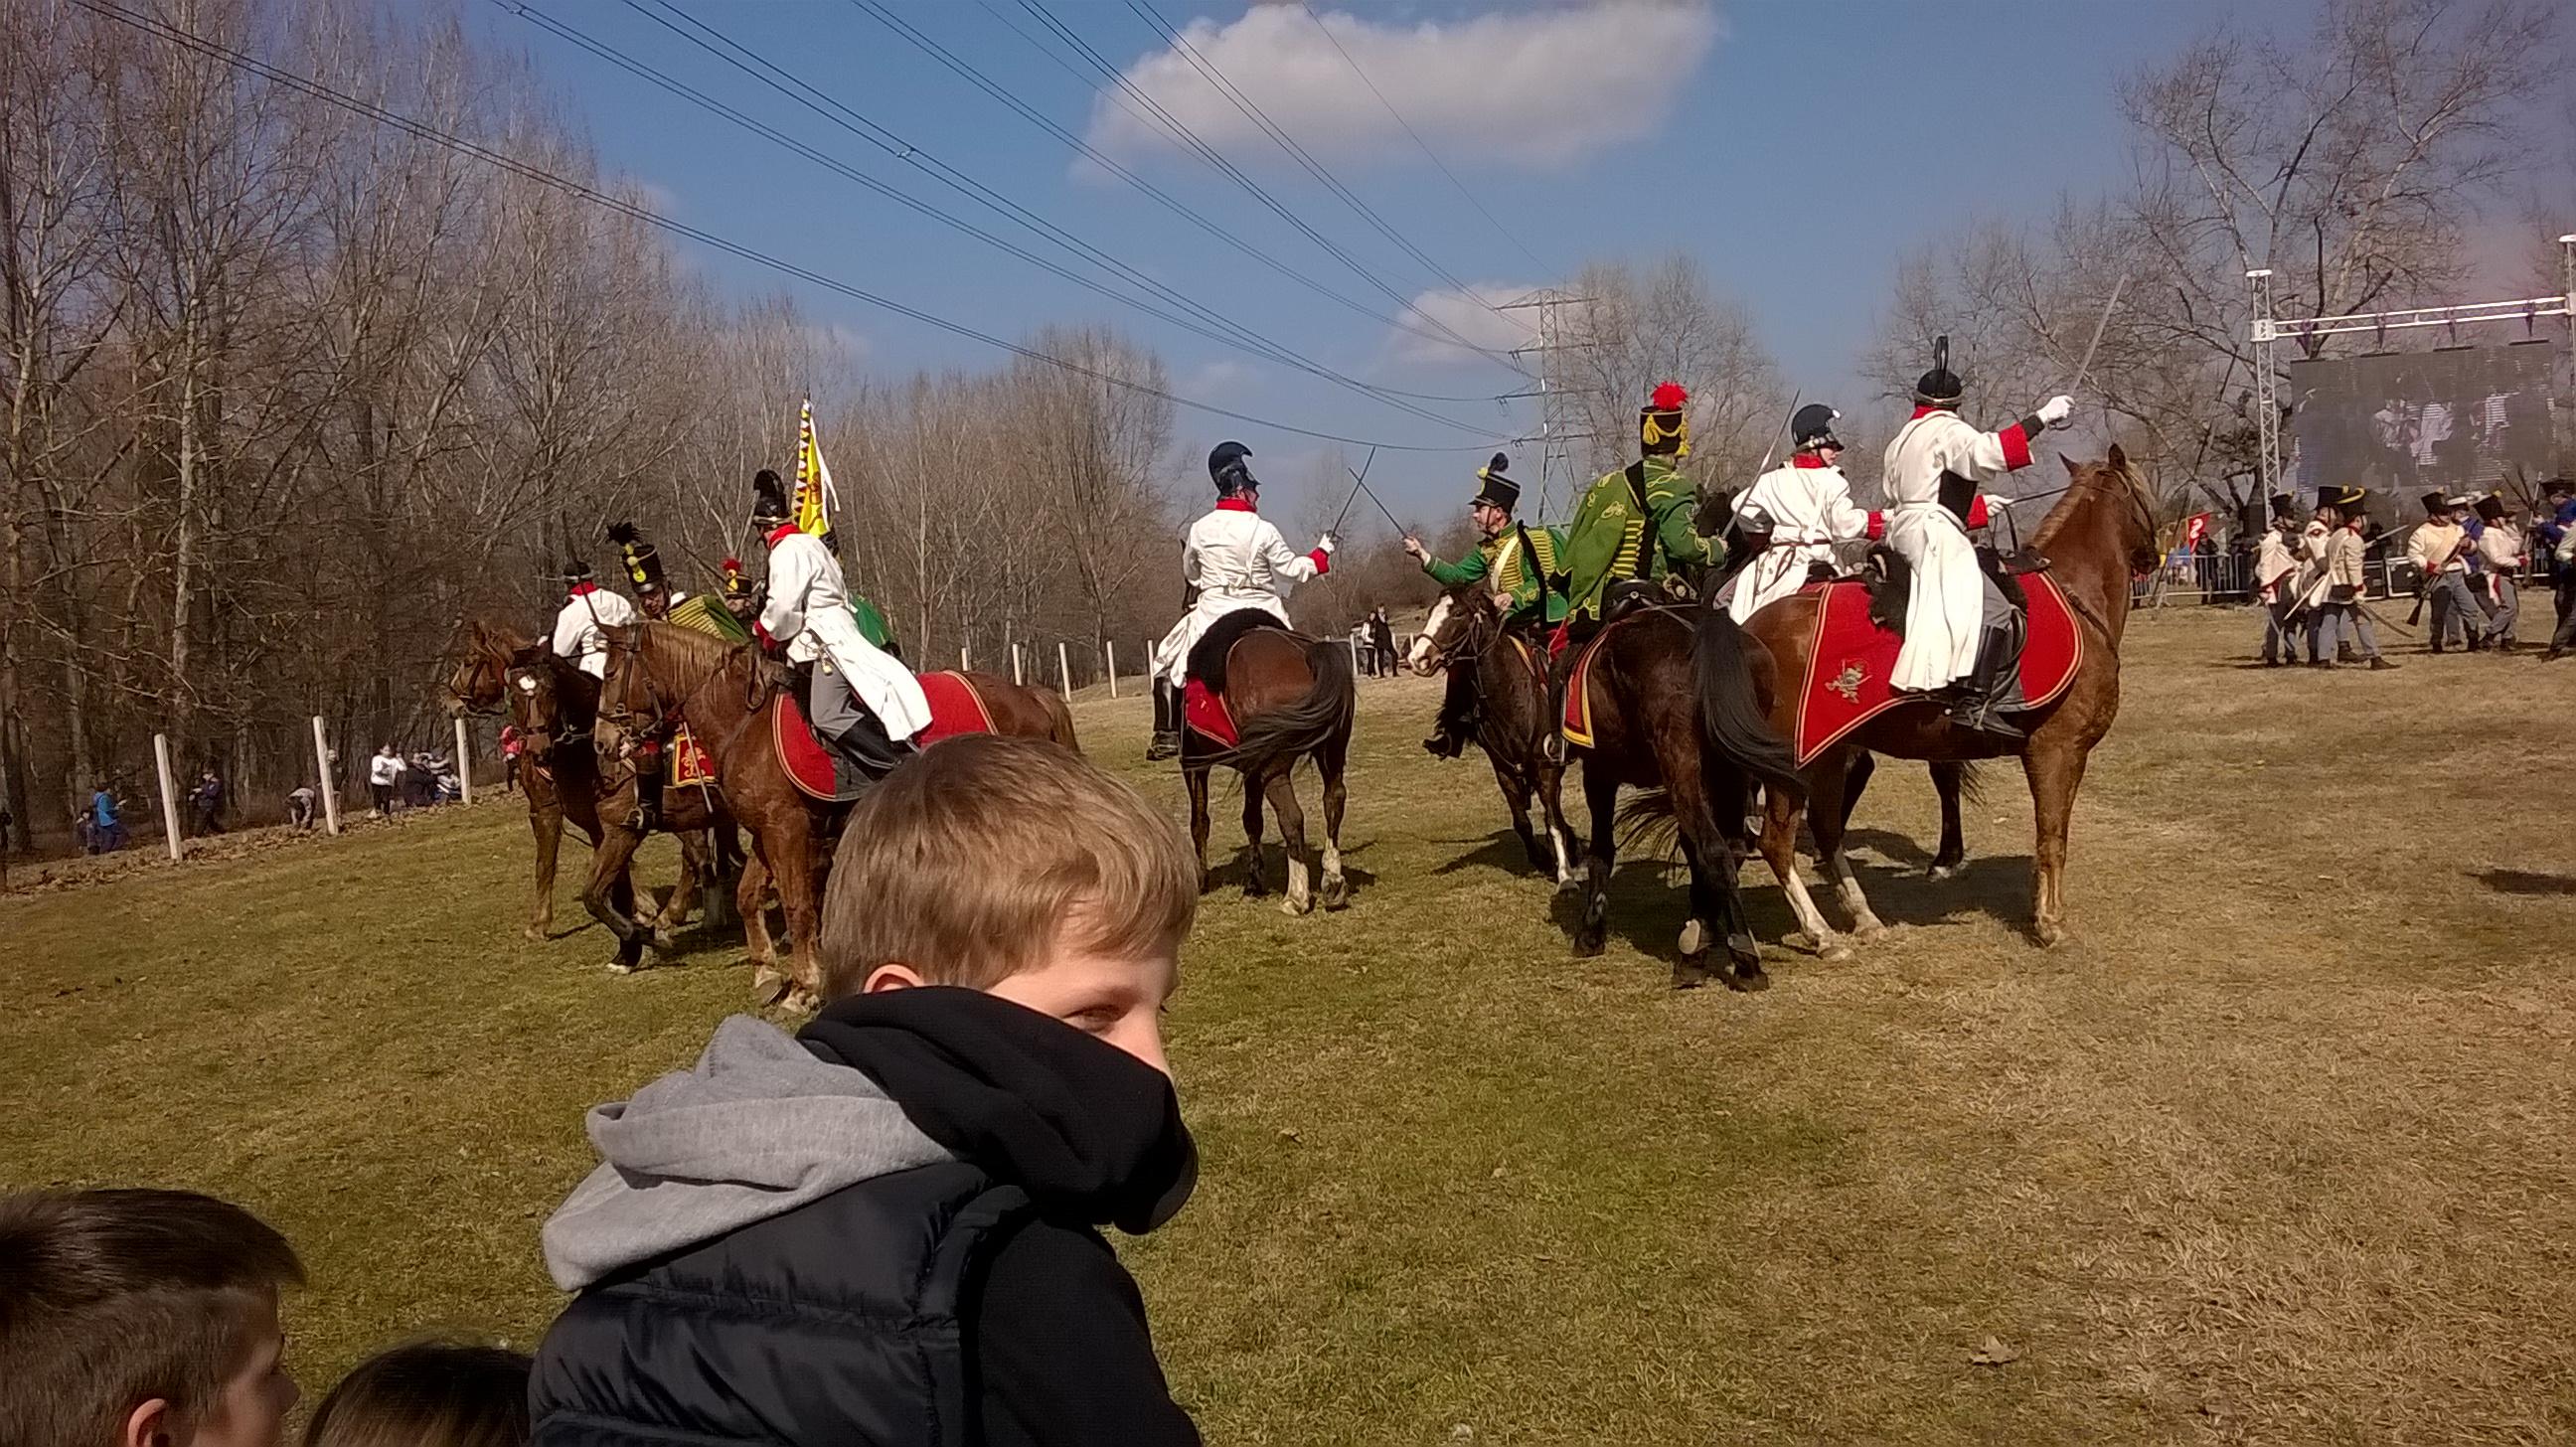 lovasok karddal csatázva